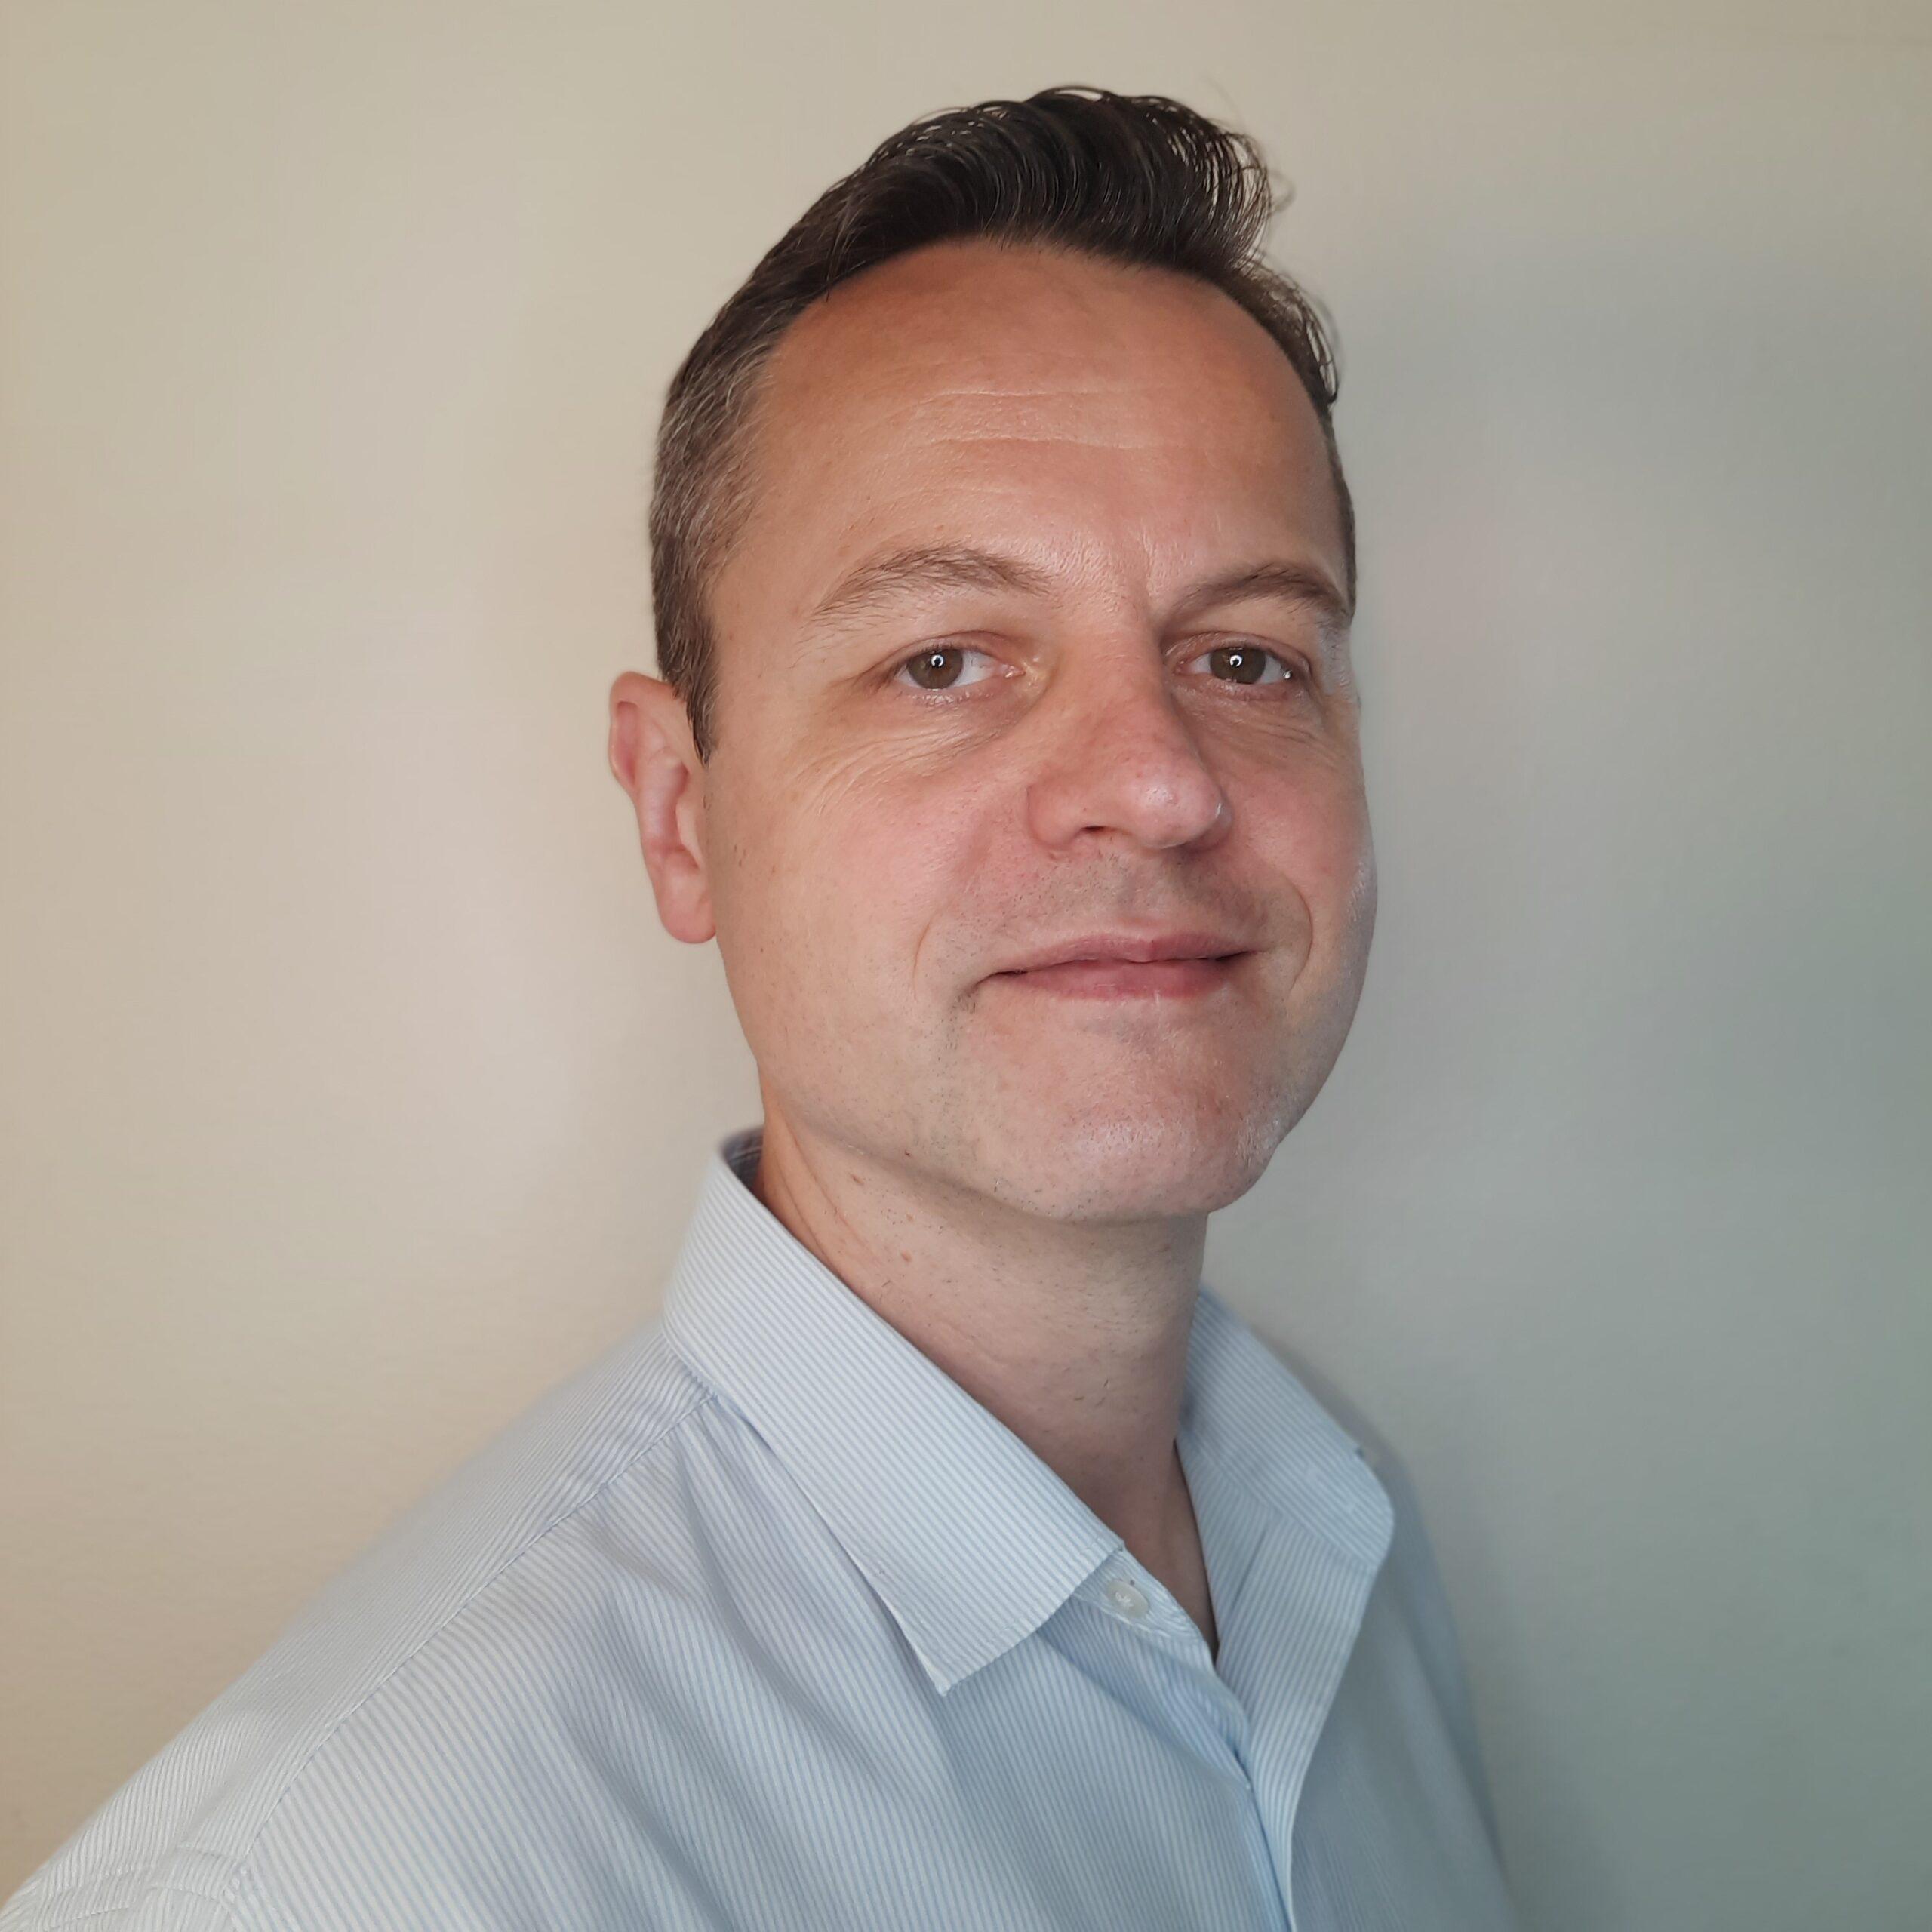 Lars Gliskov